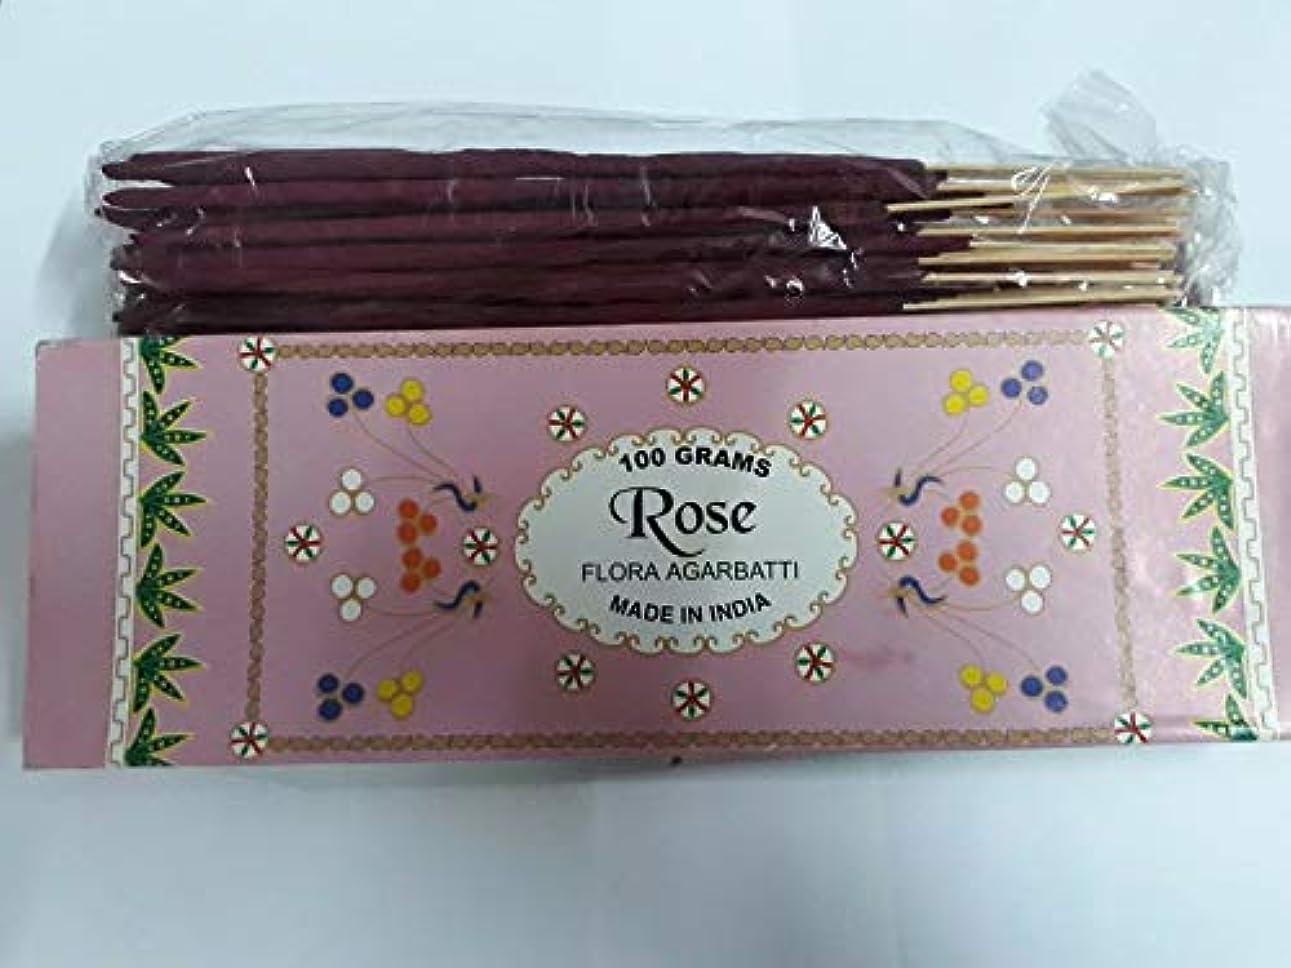 一握り委任軍艦Rose (Gulaab) ローズ Agarbatti Incense Sticks 線香 100 grams Flora フローラ Incense Agarbatti